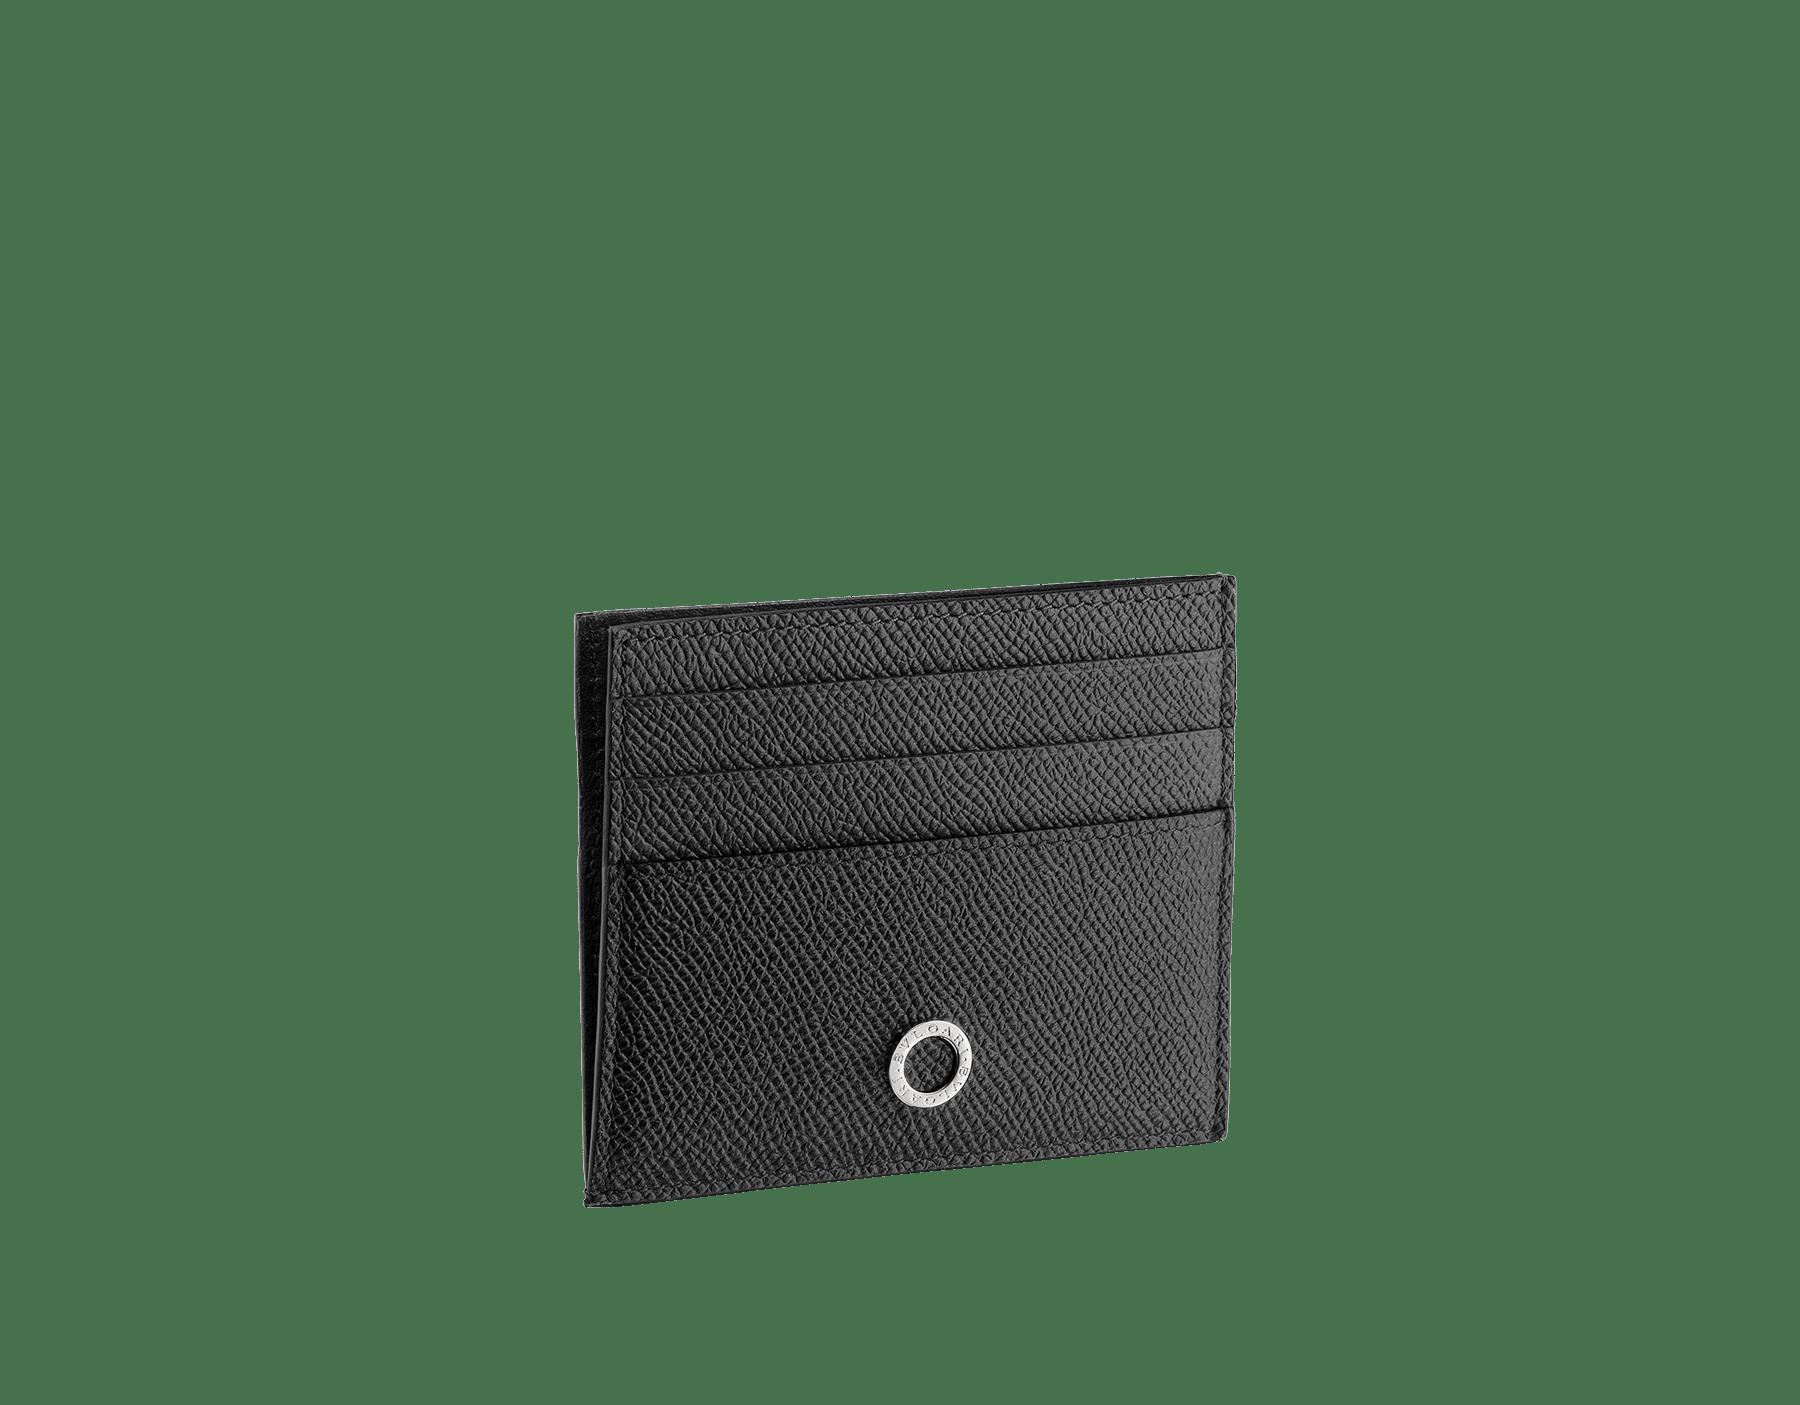 Открытый футляр для кредитных карт BVLGARI BVLGARI, зерненая кожа теленка черного цвета, подкладка из кожи наппа черного цвета. Фирменный декор в виде логотипа из латуни с палладиевым покрытием. 288524 image 1